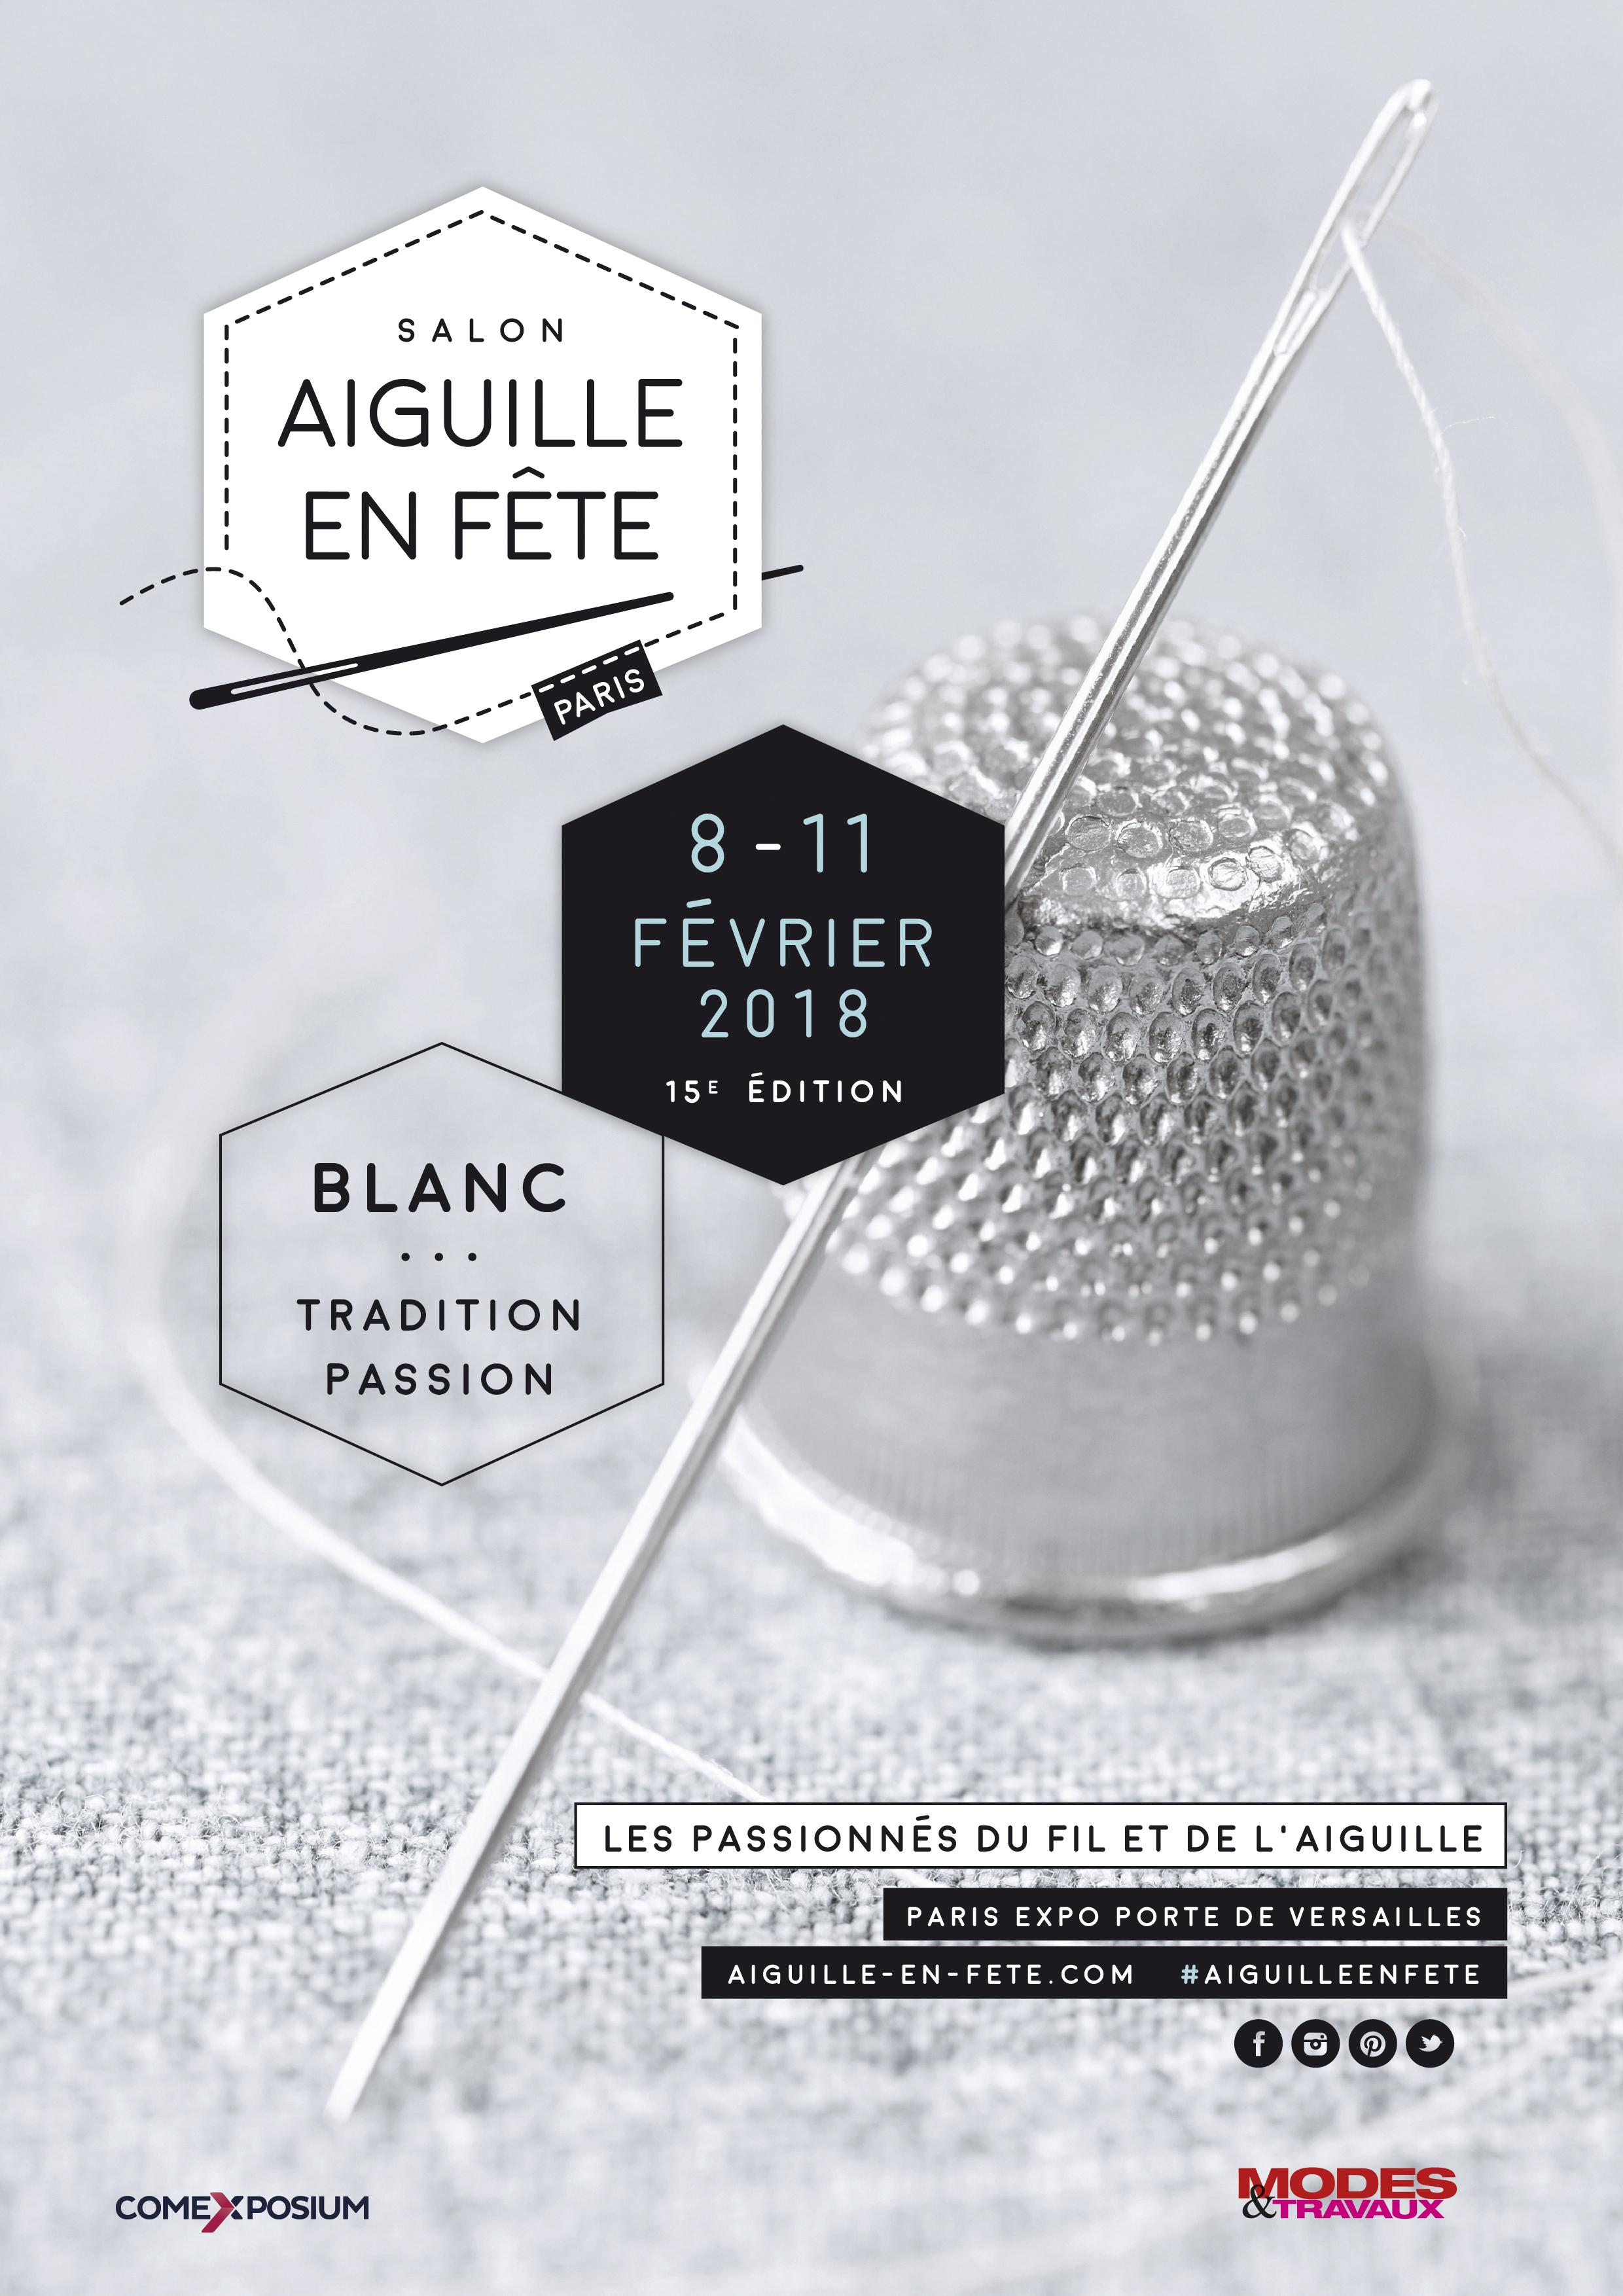 Affiche Aiguille en fête 2018 - Du 8 au 11 février 2018 à Paris Expo Porte de Versailles